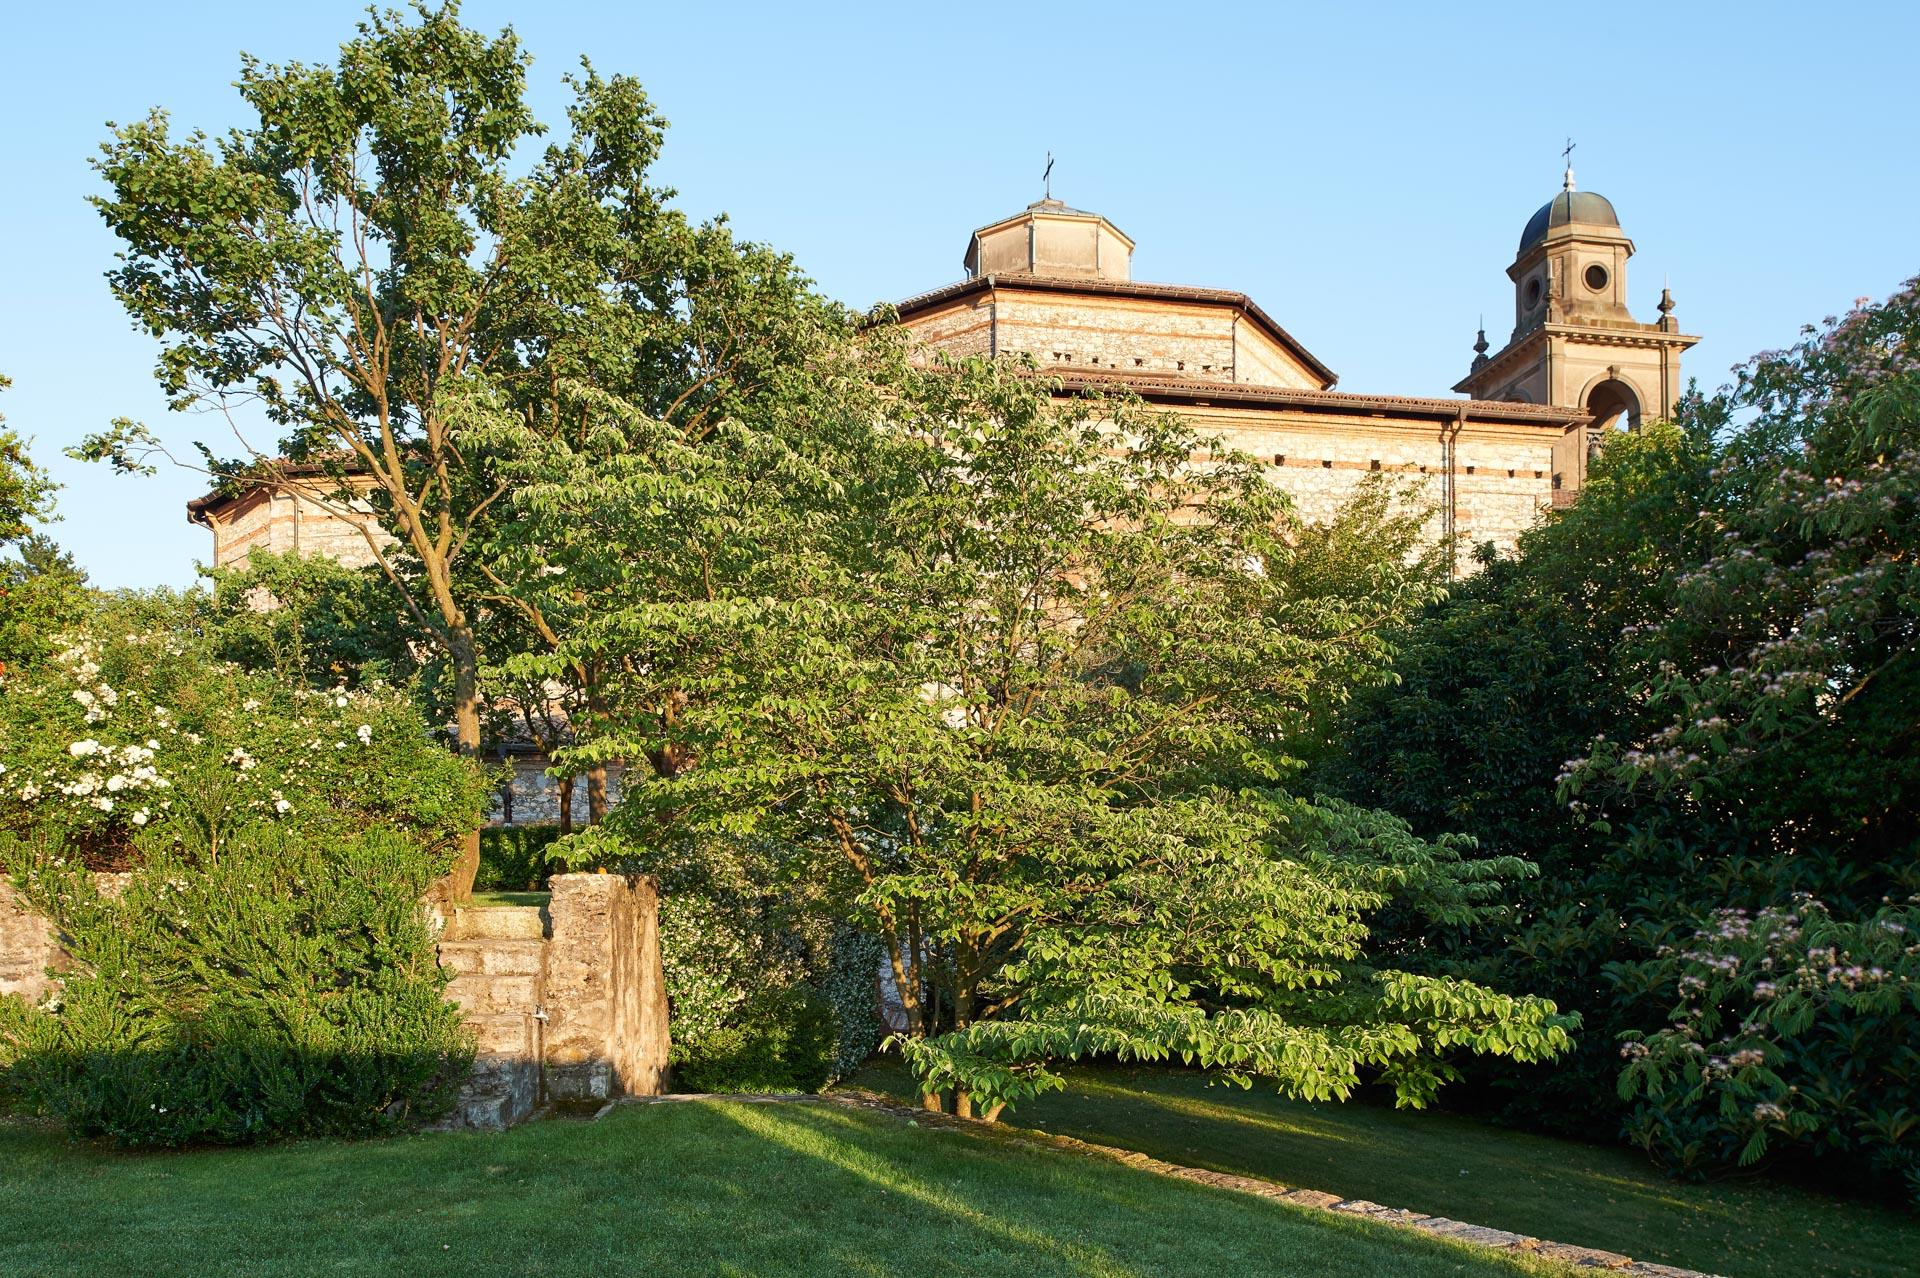 giardino chiesa Mendrisio